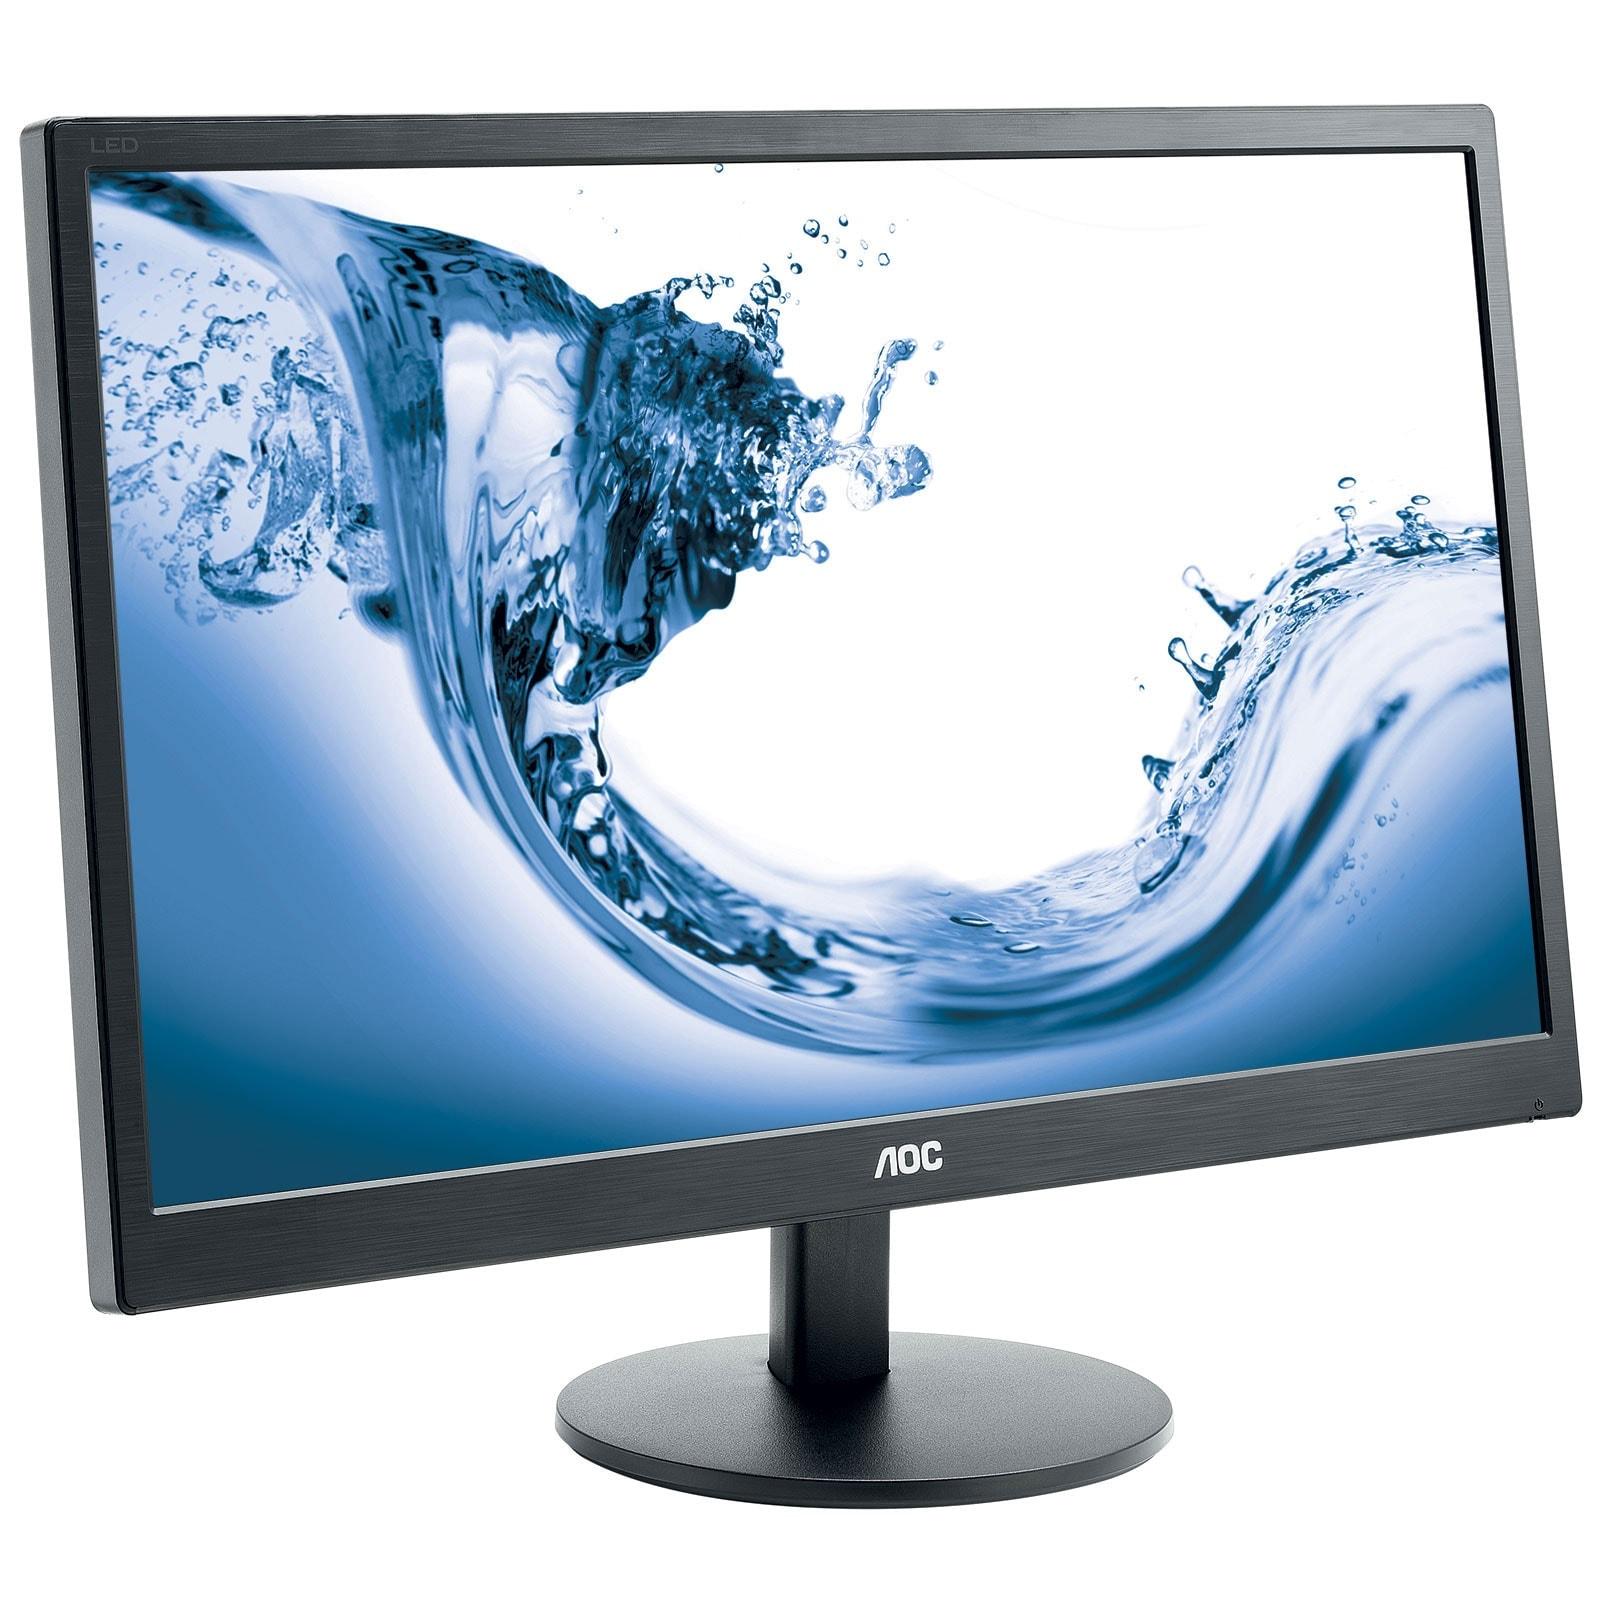 AOC Ecran PC AOC e2770Sh (E2770SH) - Achat / Vente Ecran PC sur Cybertek.fr - 0